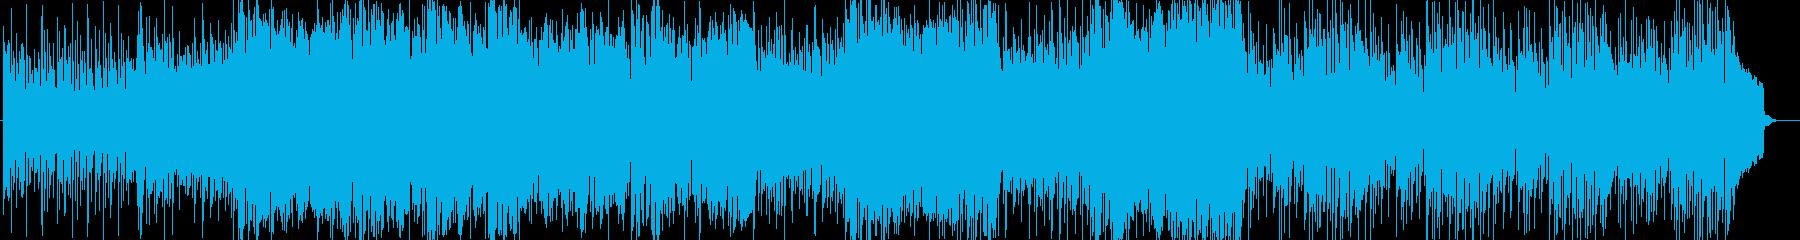 尺八と琴の旋律が印象的な和風なBGMの再生済みの波形